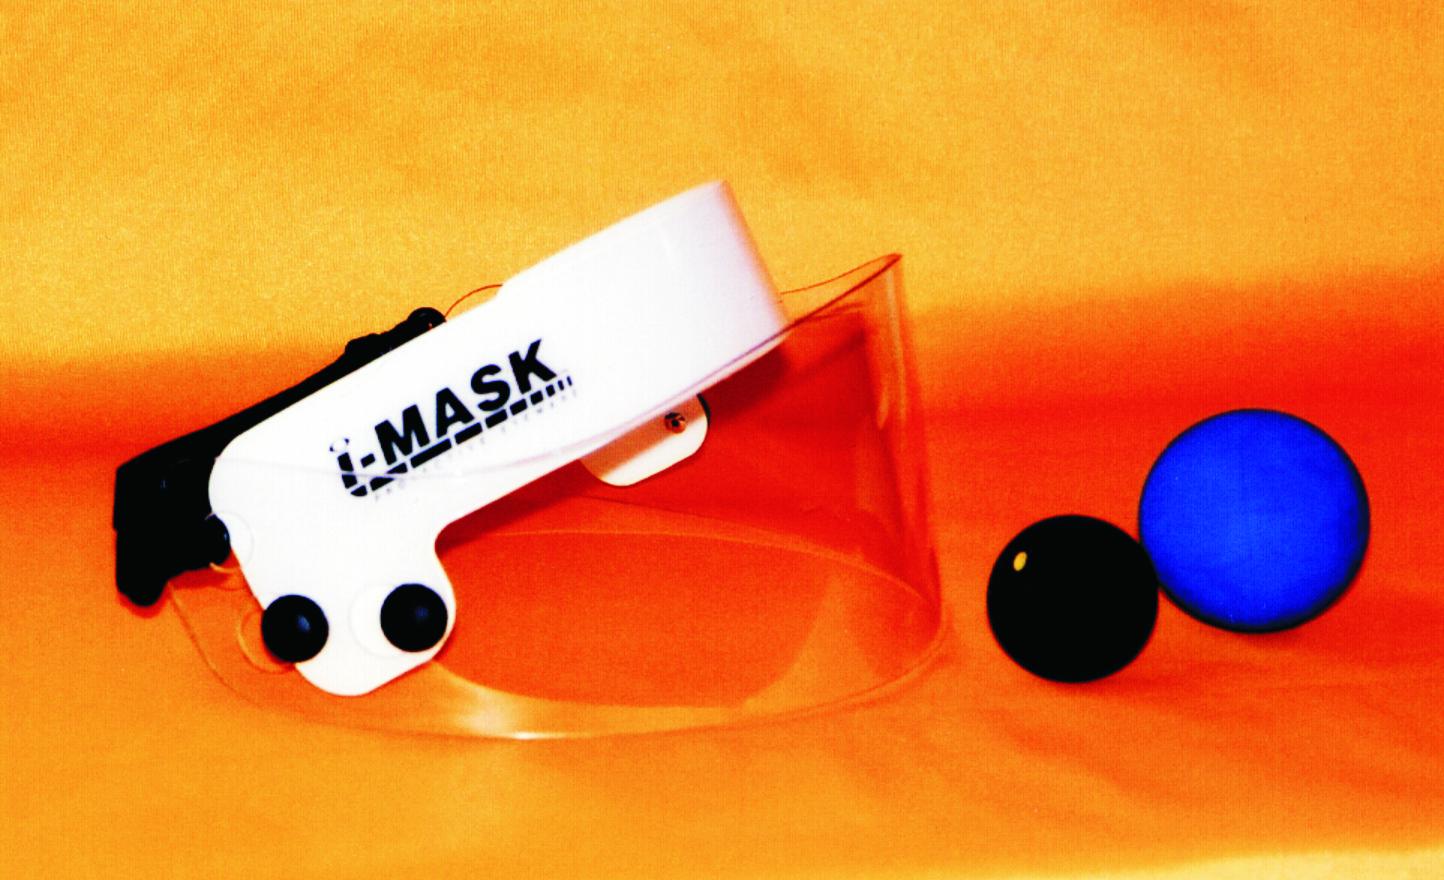 C. i-MASK & 2 balls